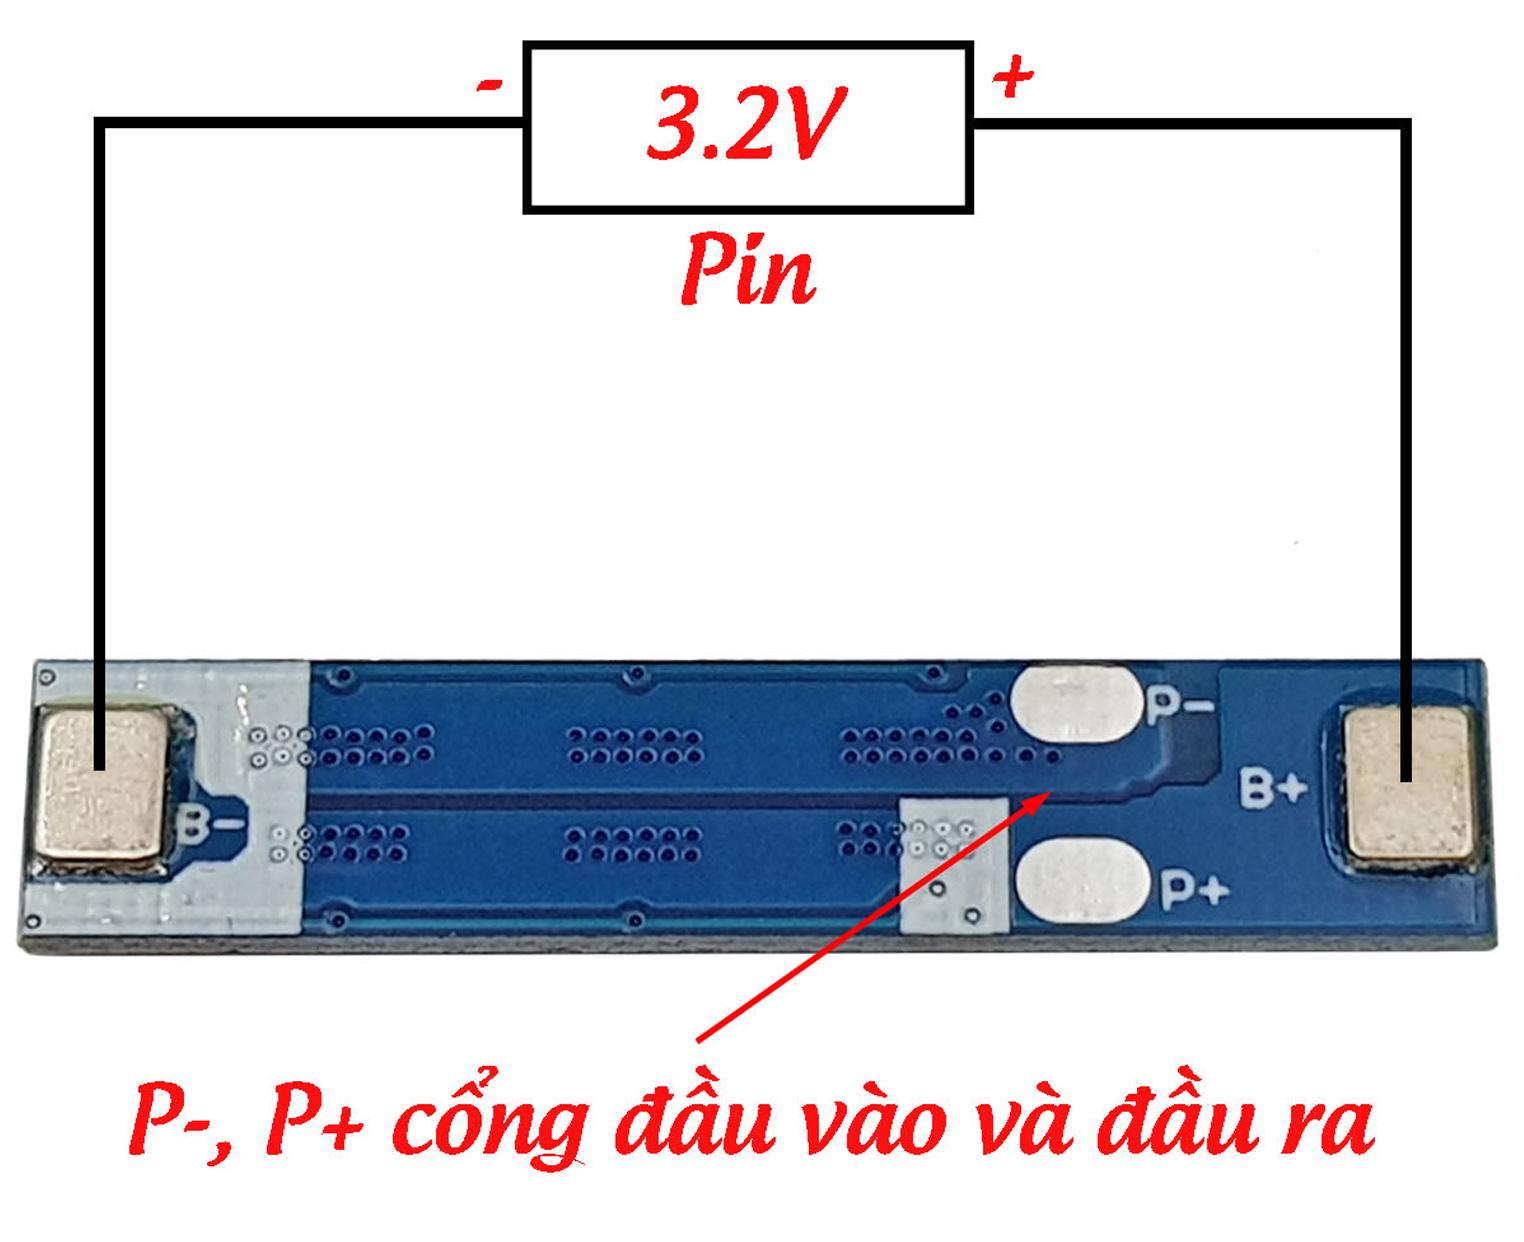 Sơ đồ kết nối Mạch sạc và bảo vệ pin 1S 3.2V